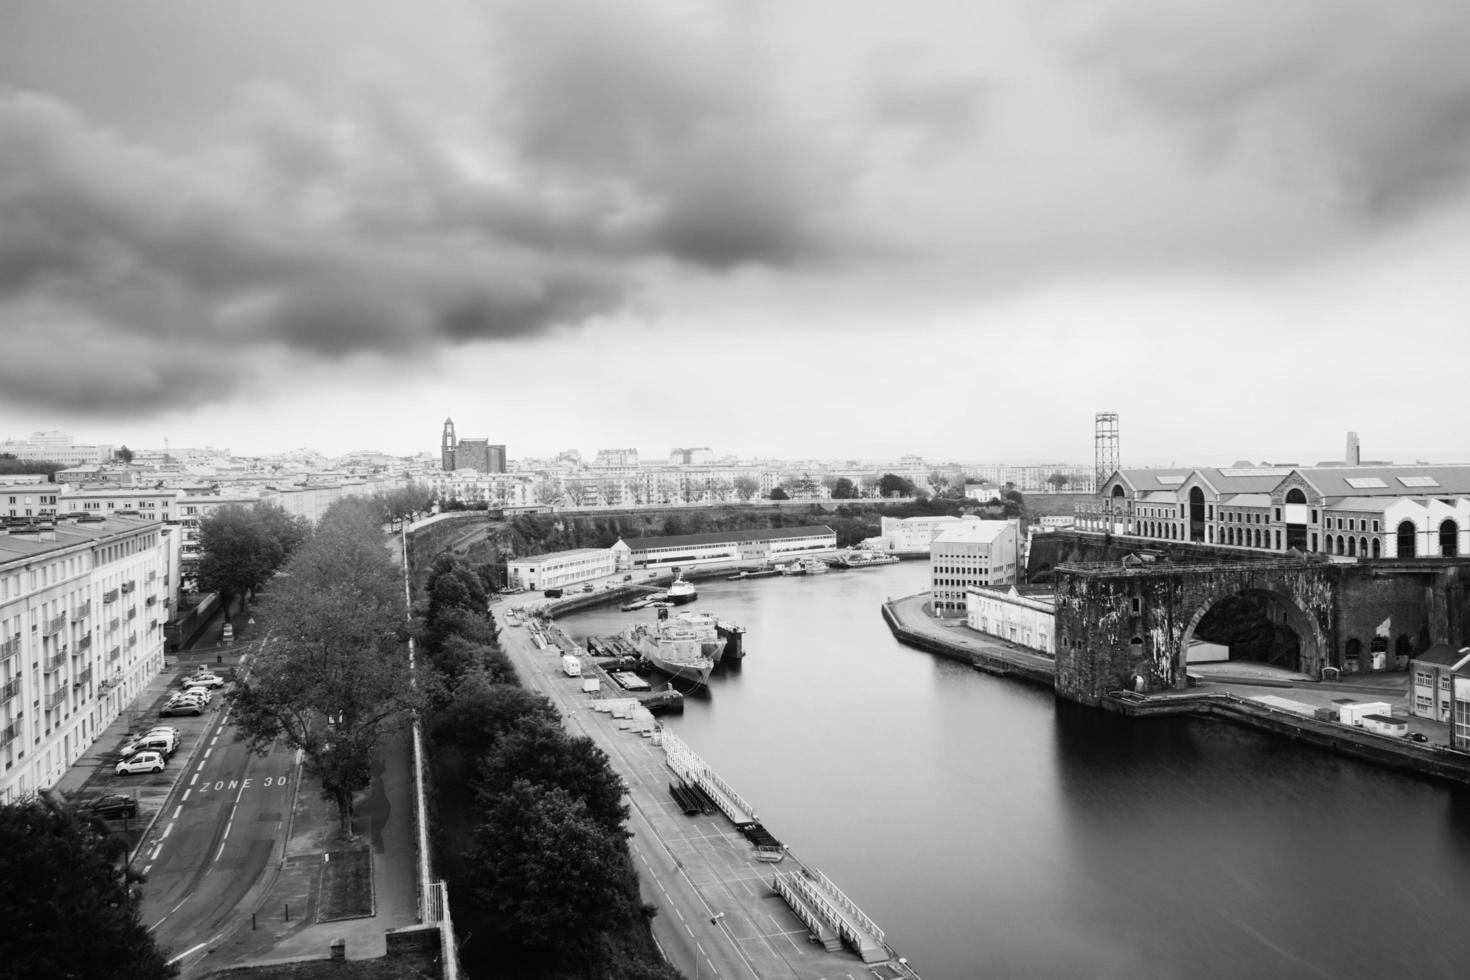 vue aérienne de la rivière et de la ville photo